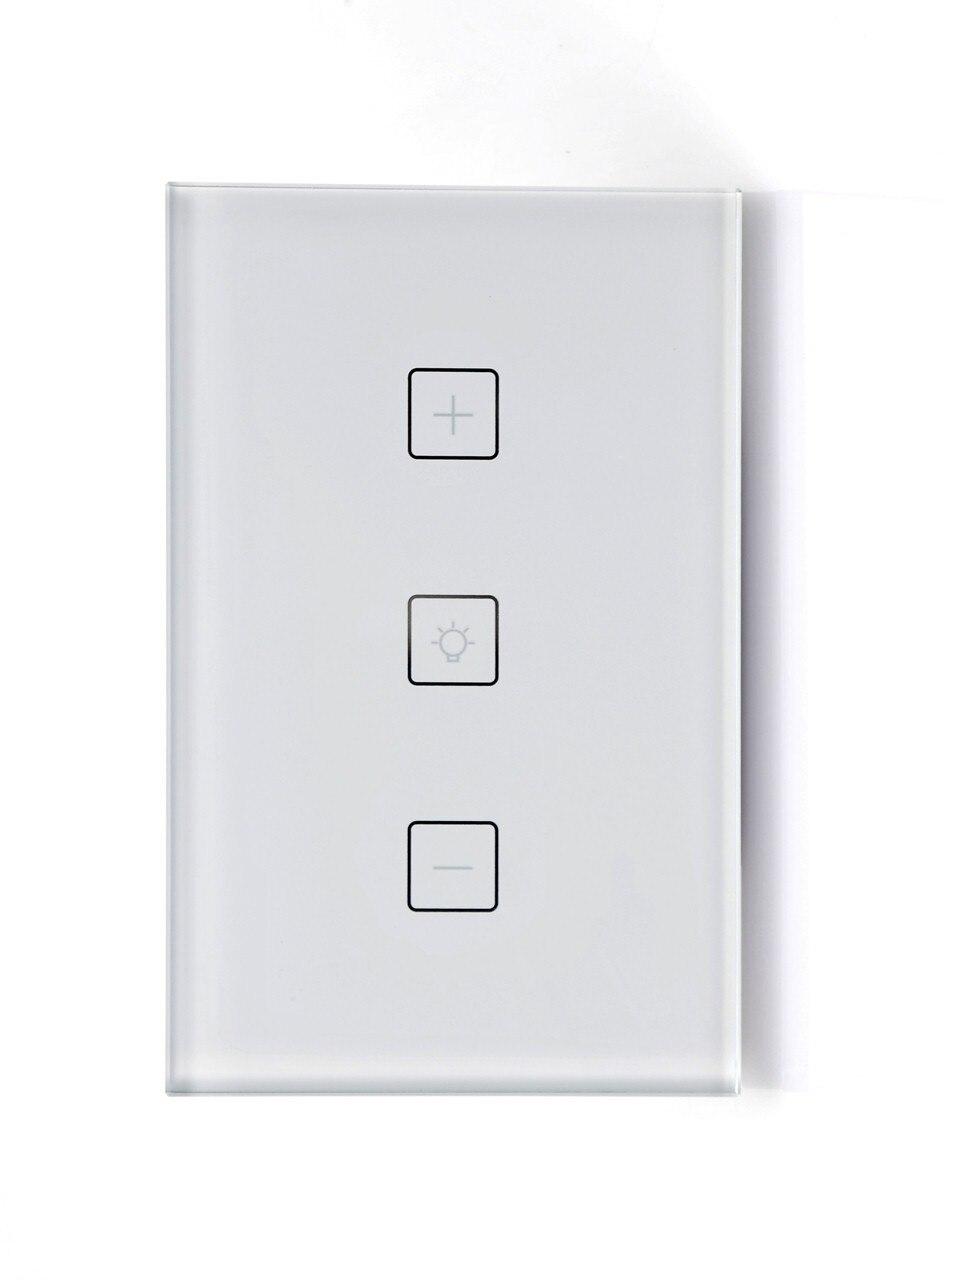 Commutateur de gradation de mur de maison intelligente de Wifi commutateur de gradation sans fil commande vocale d'alexa